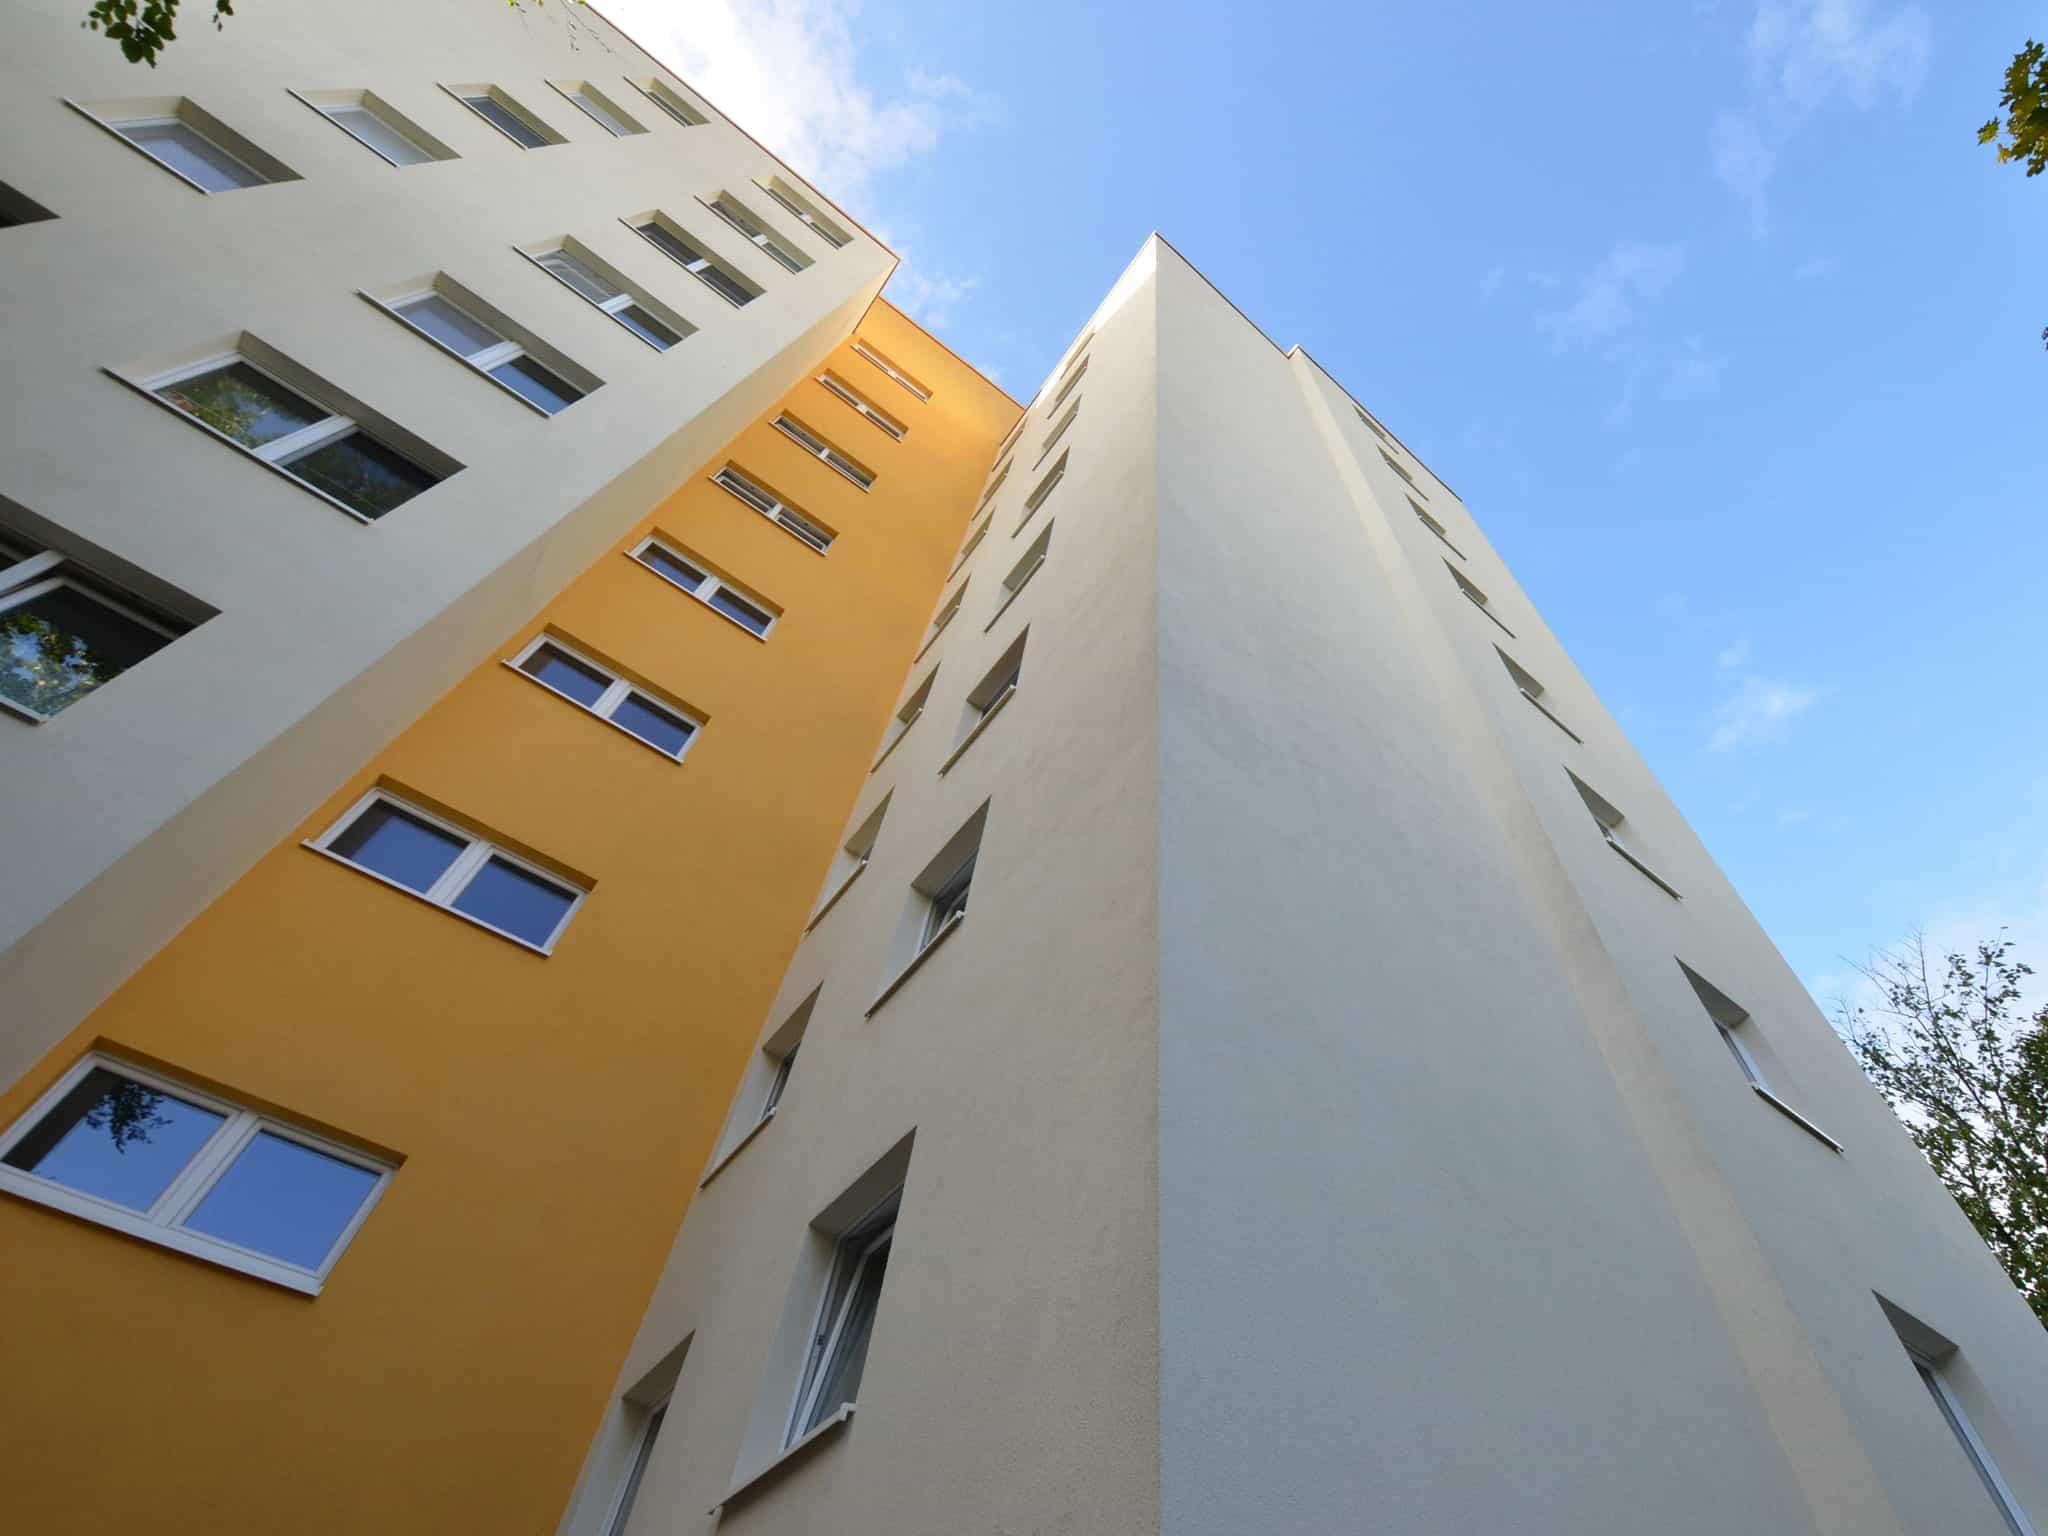 saubere Hochhausfassade